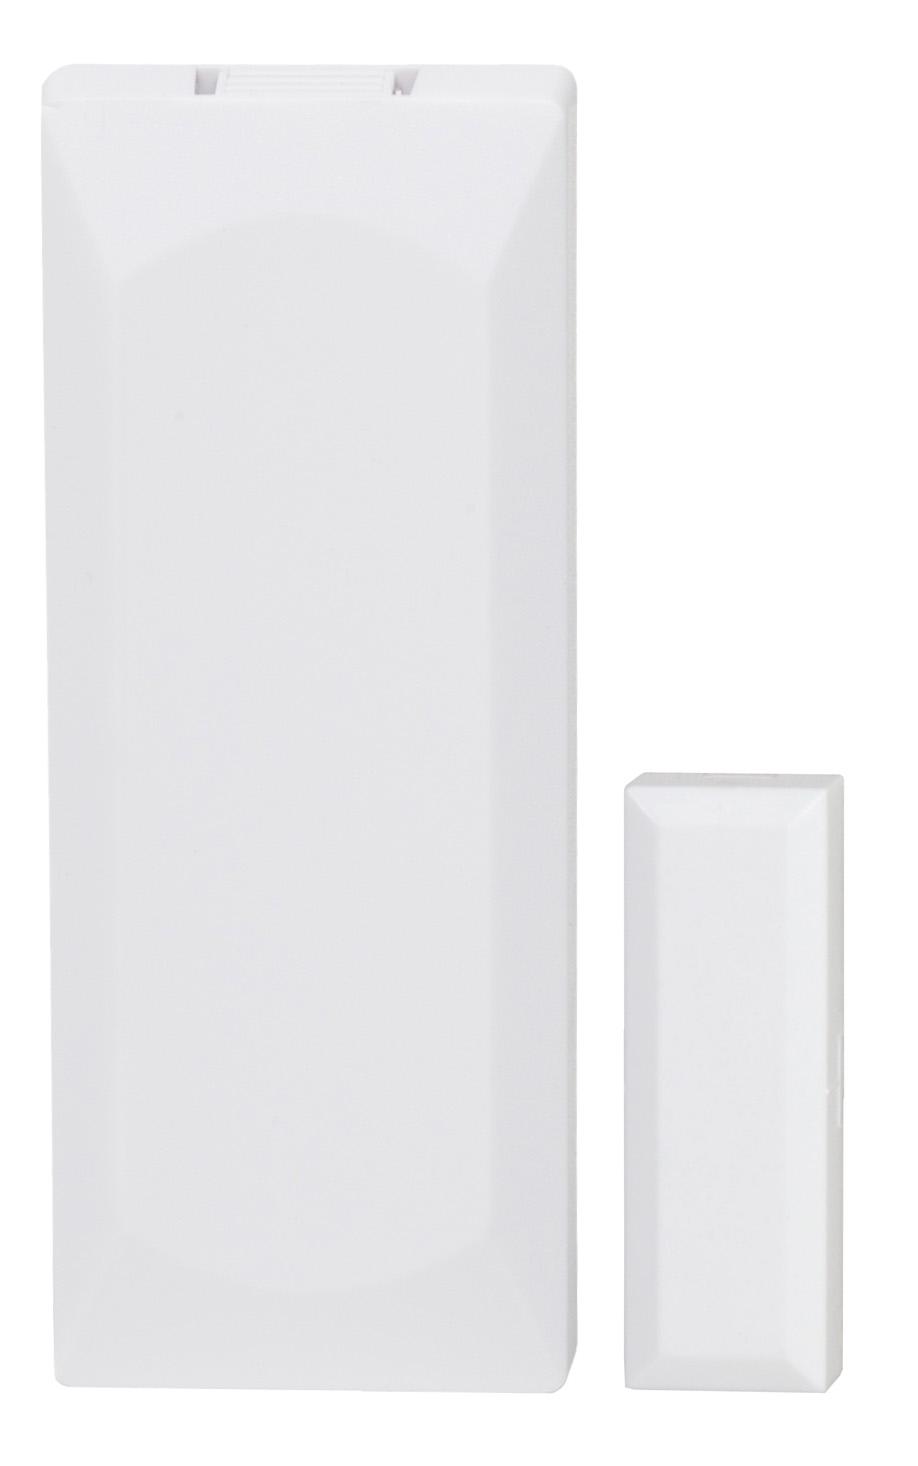 Door or window sensor